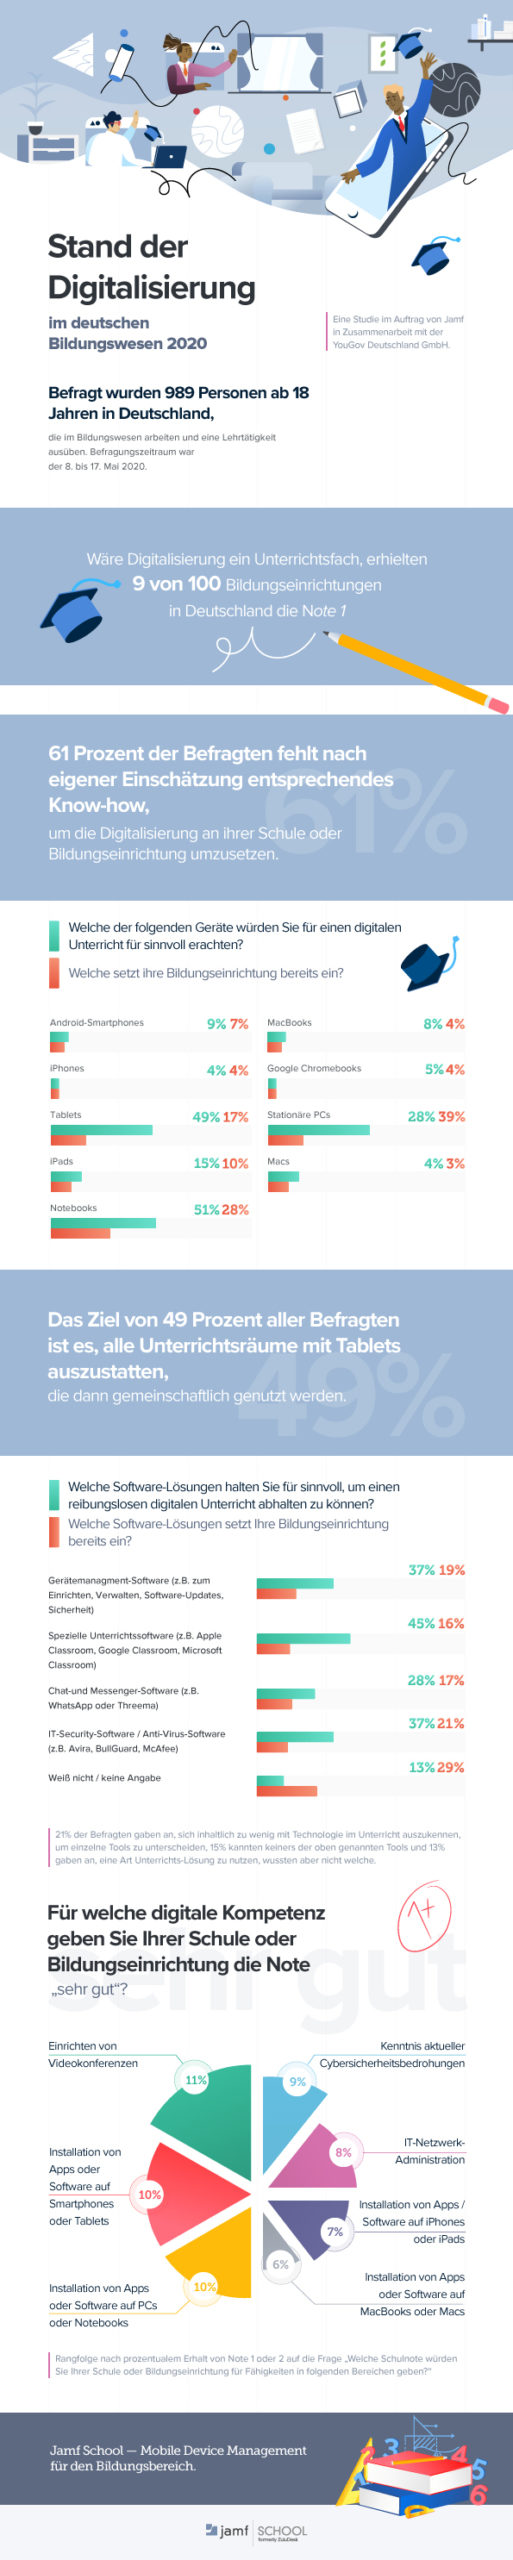 Infografik zur Jamf Studie: Digitalisierung im Bildungswesen (Copyright Jamf)